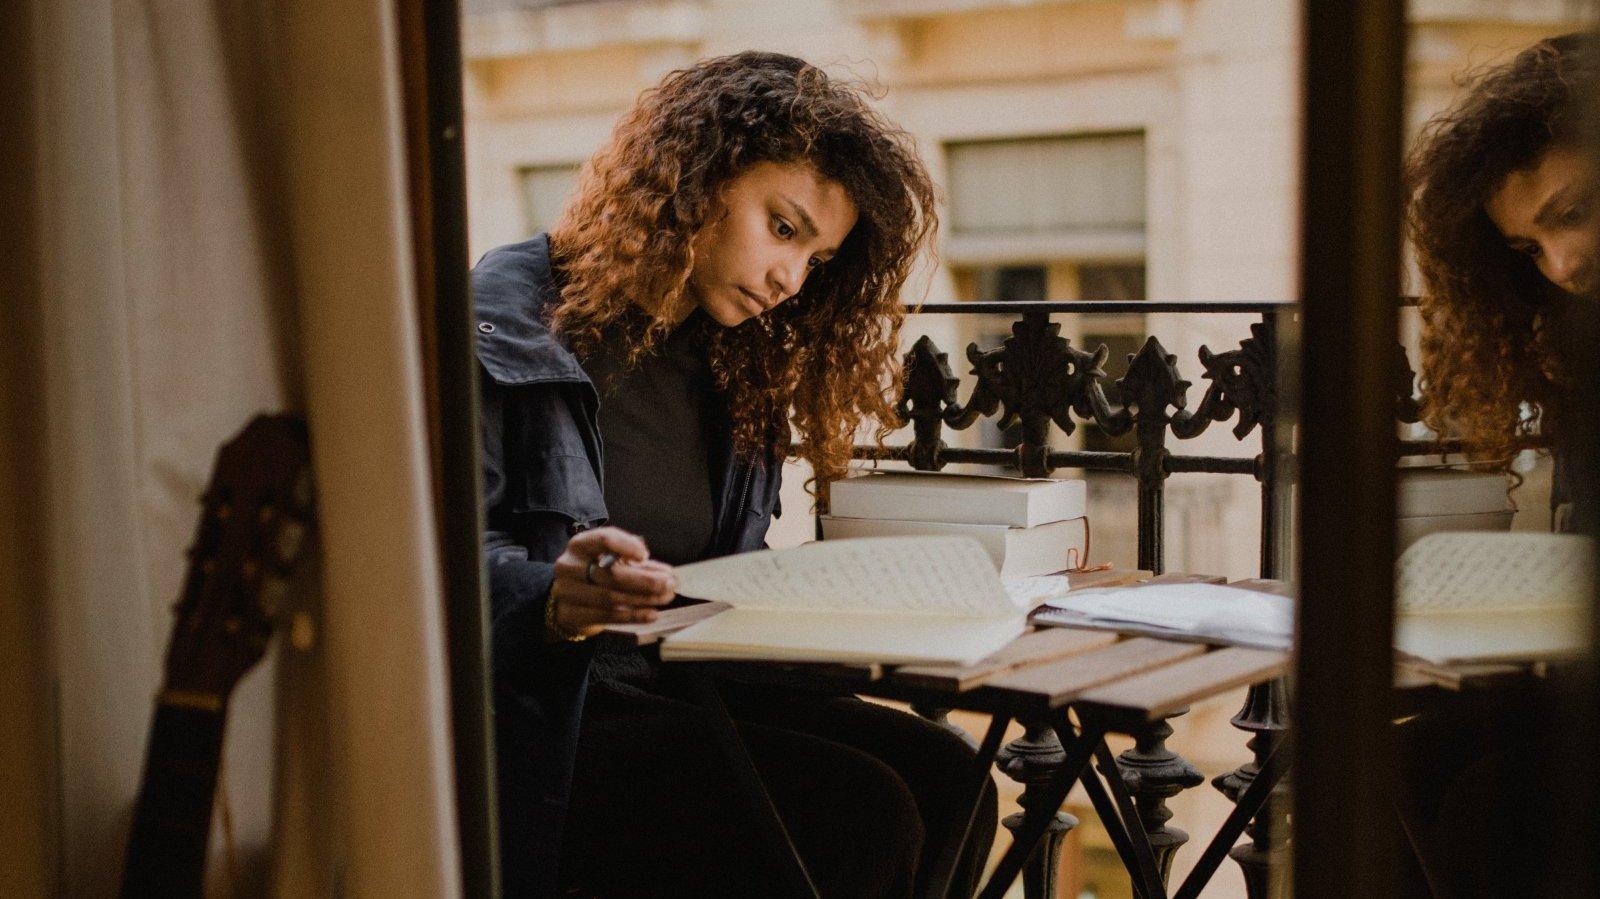 Si mantienes vivo el aprendizaje a diario, te será más fácil aprenderlo.